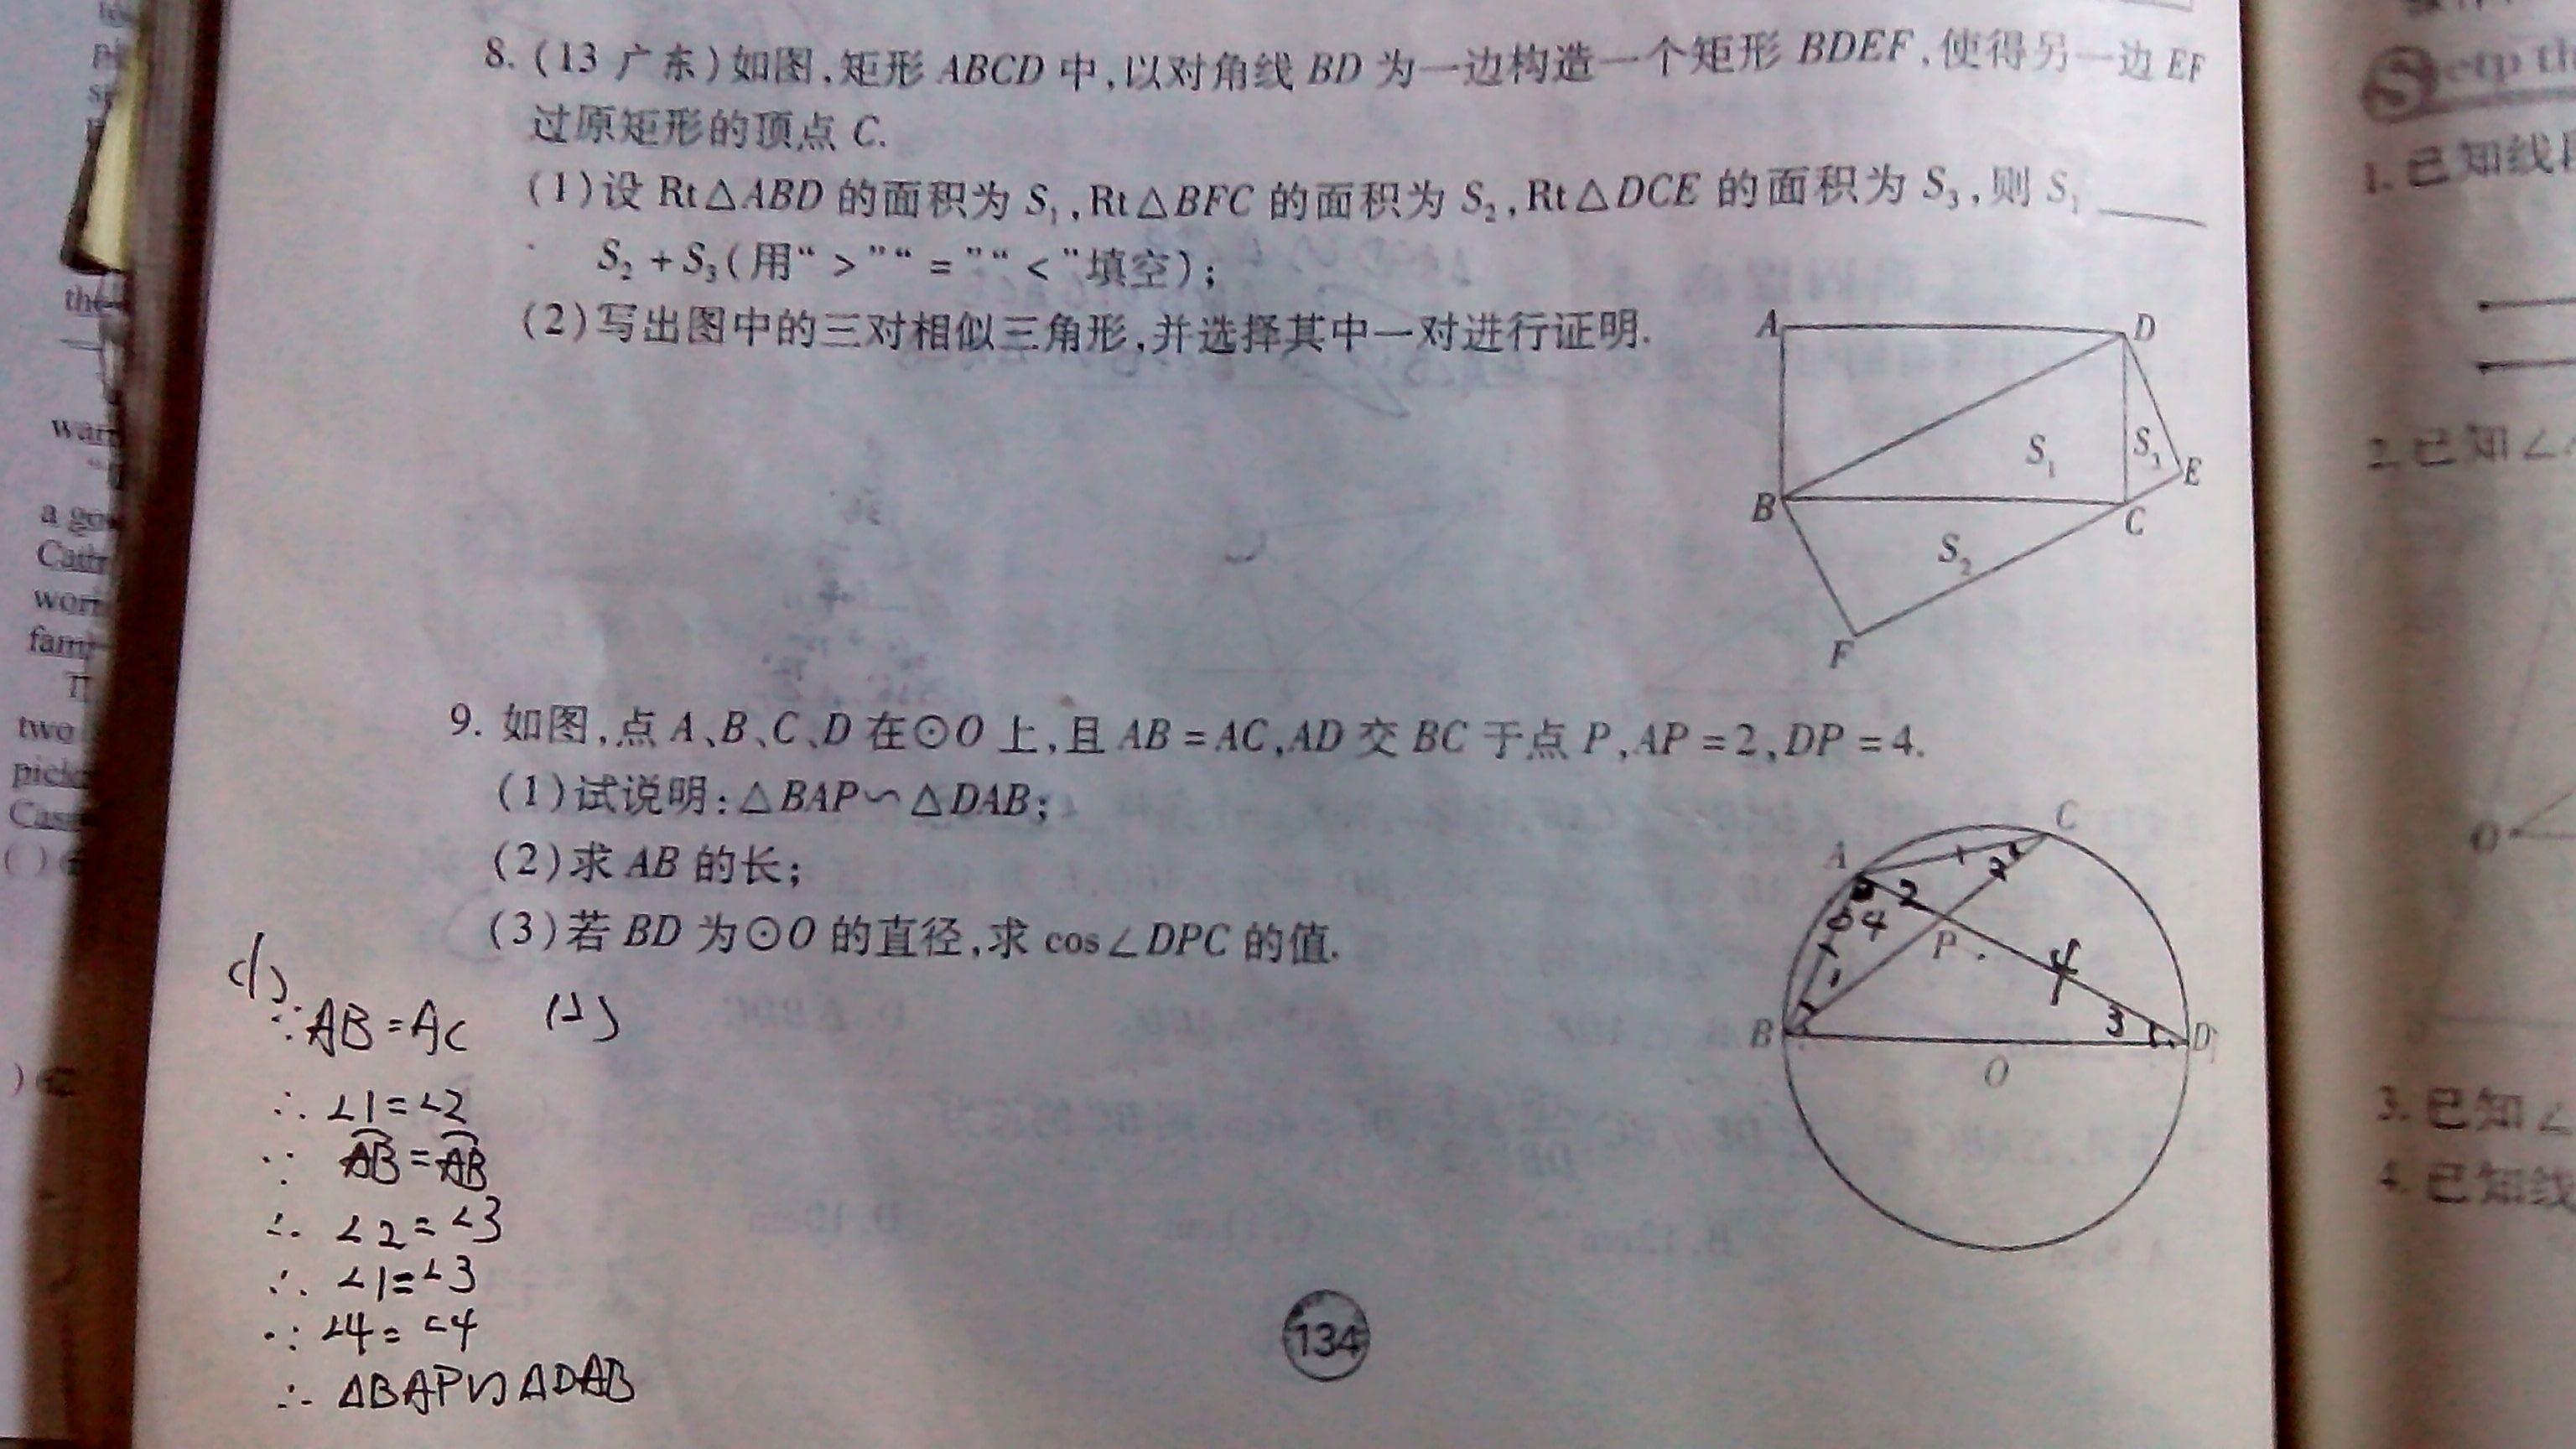 ad=6a/ad=ap/aa平方=2*6=2根号3